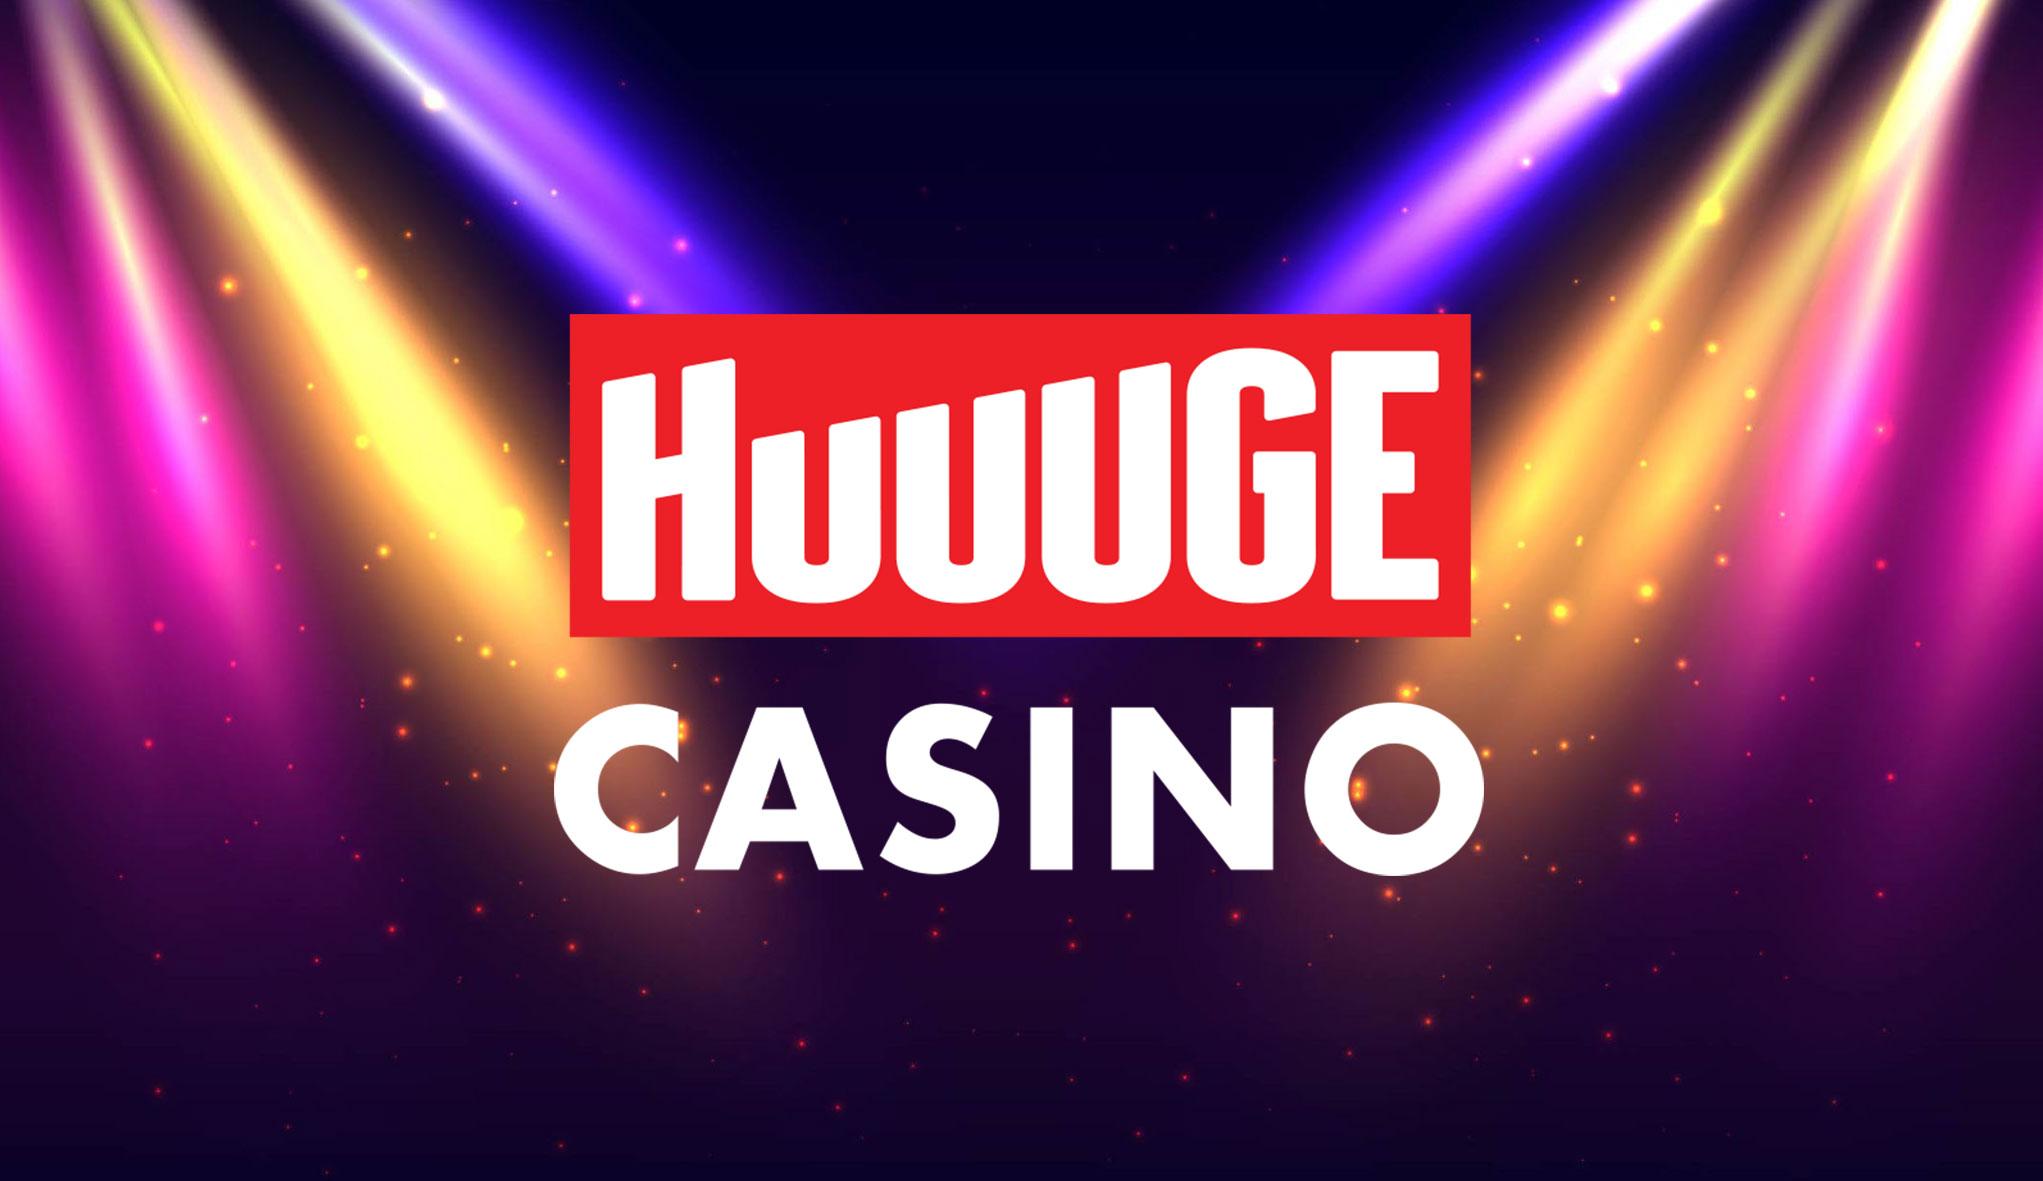 Casino-Huuuge.jpg